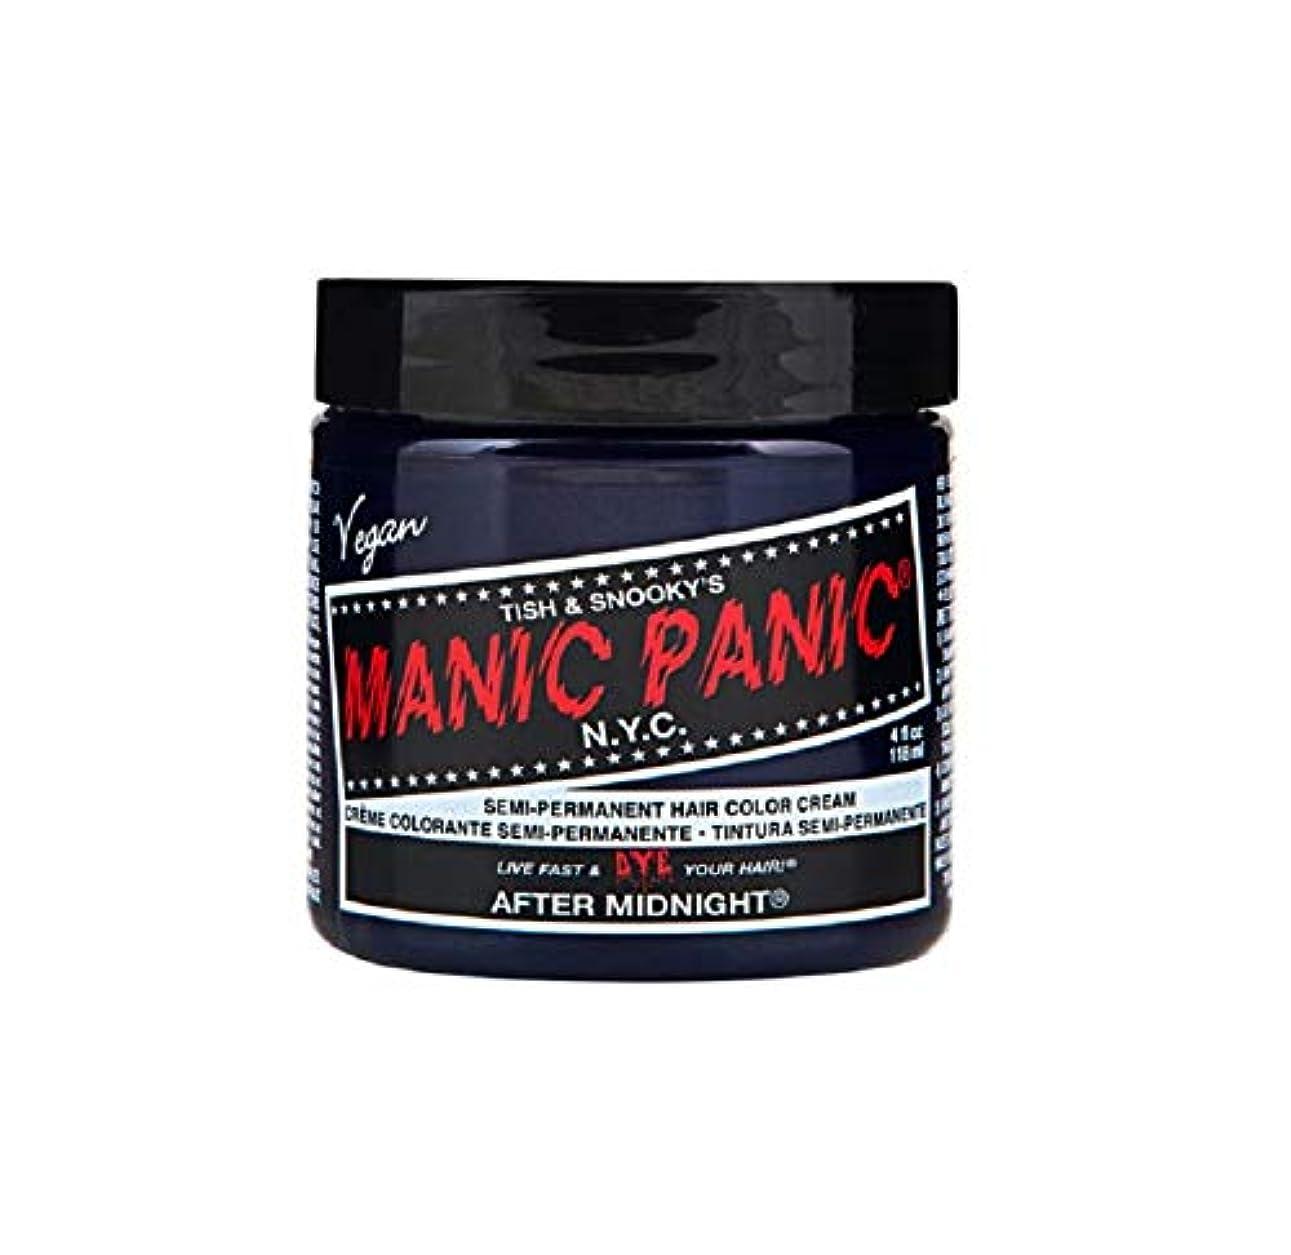 減衰戦争被害者マニックパニック MANIC PANIC ヘアカラー 118mlアフターミッドナイト ヘアーカラー